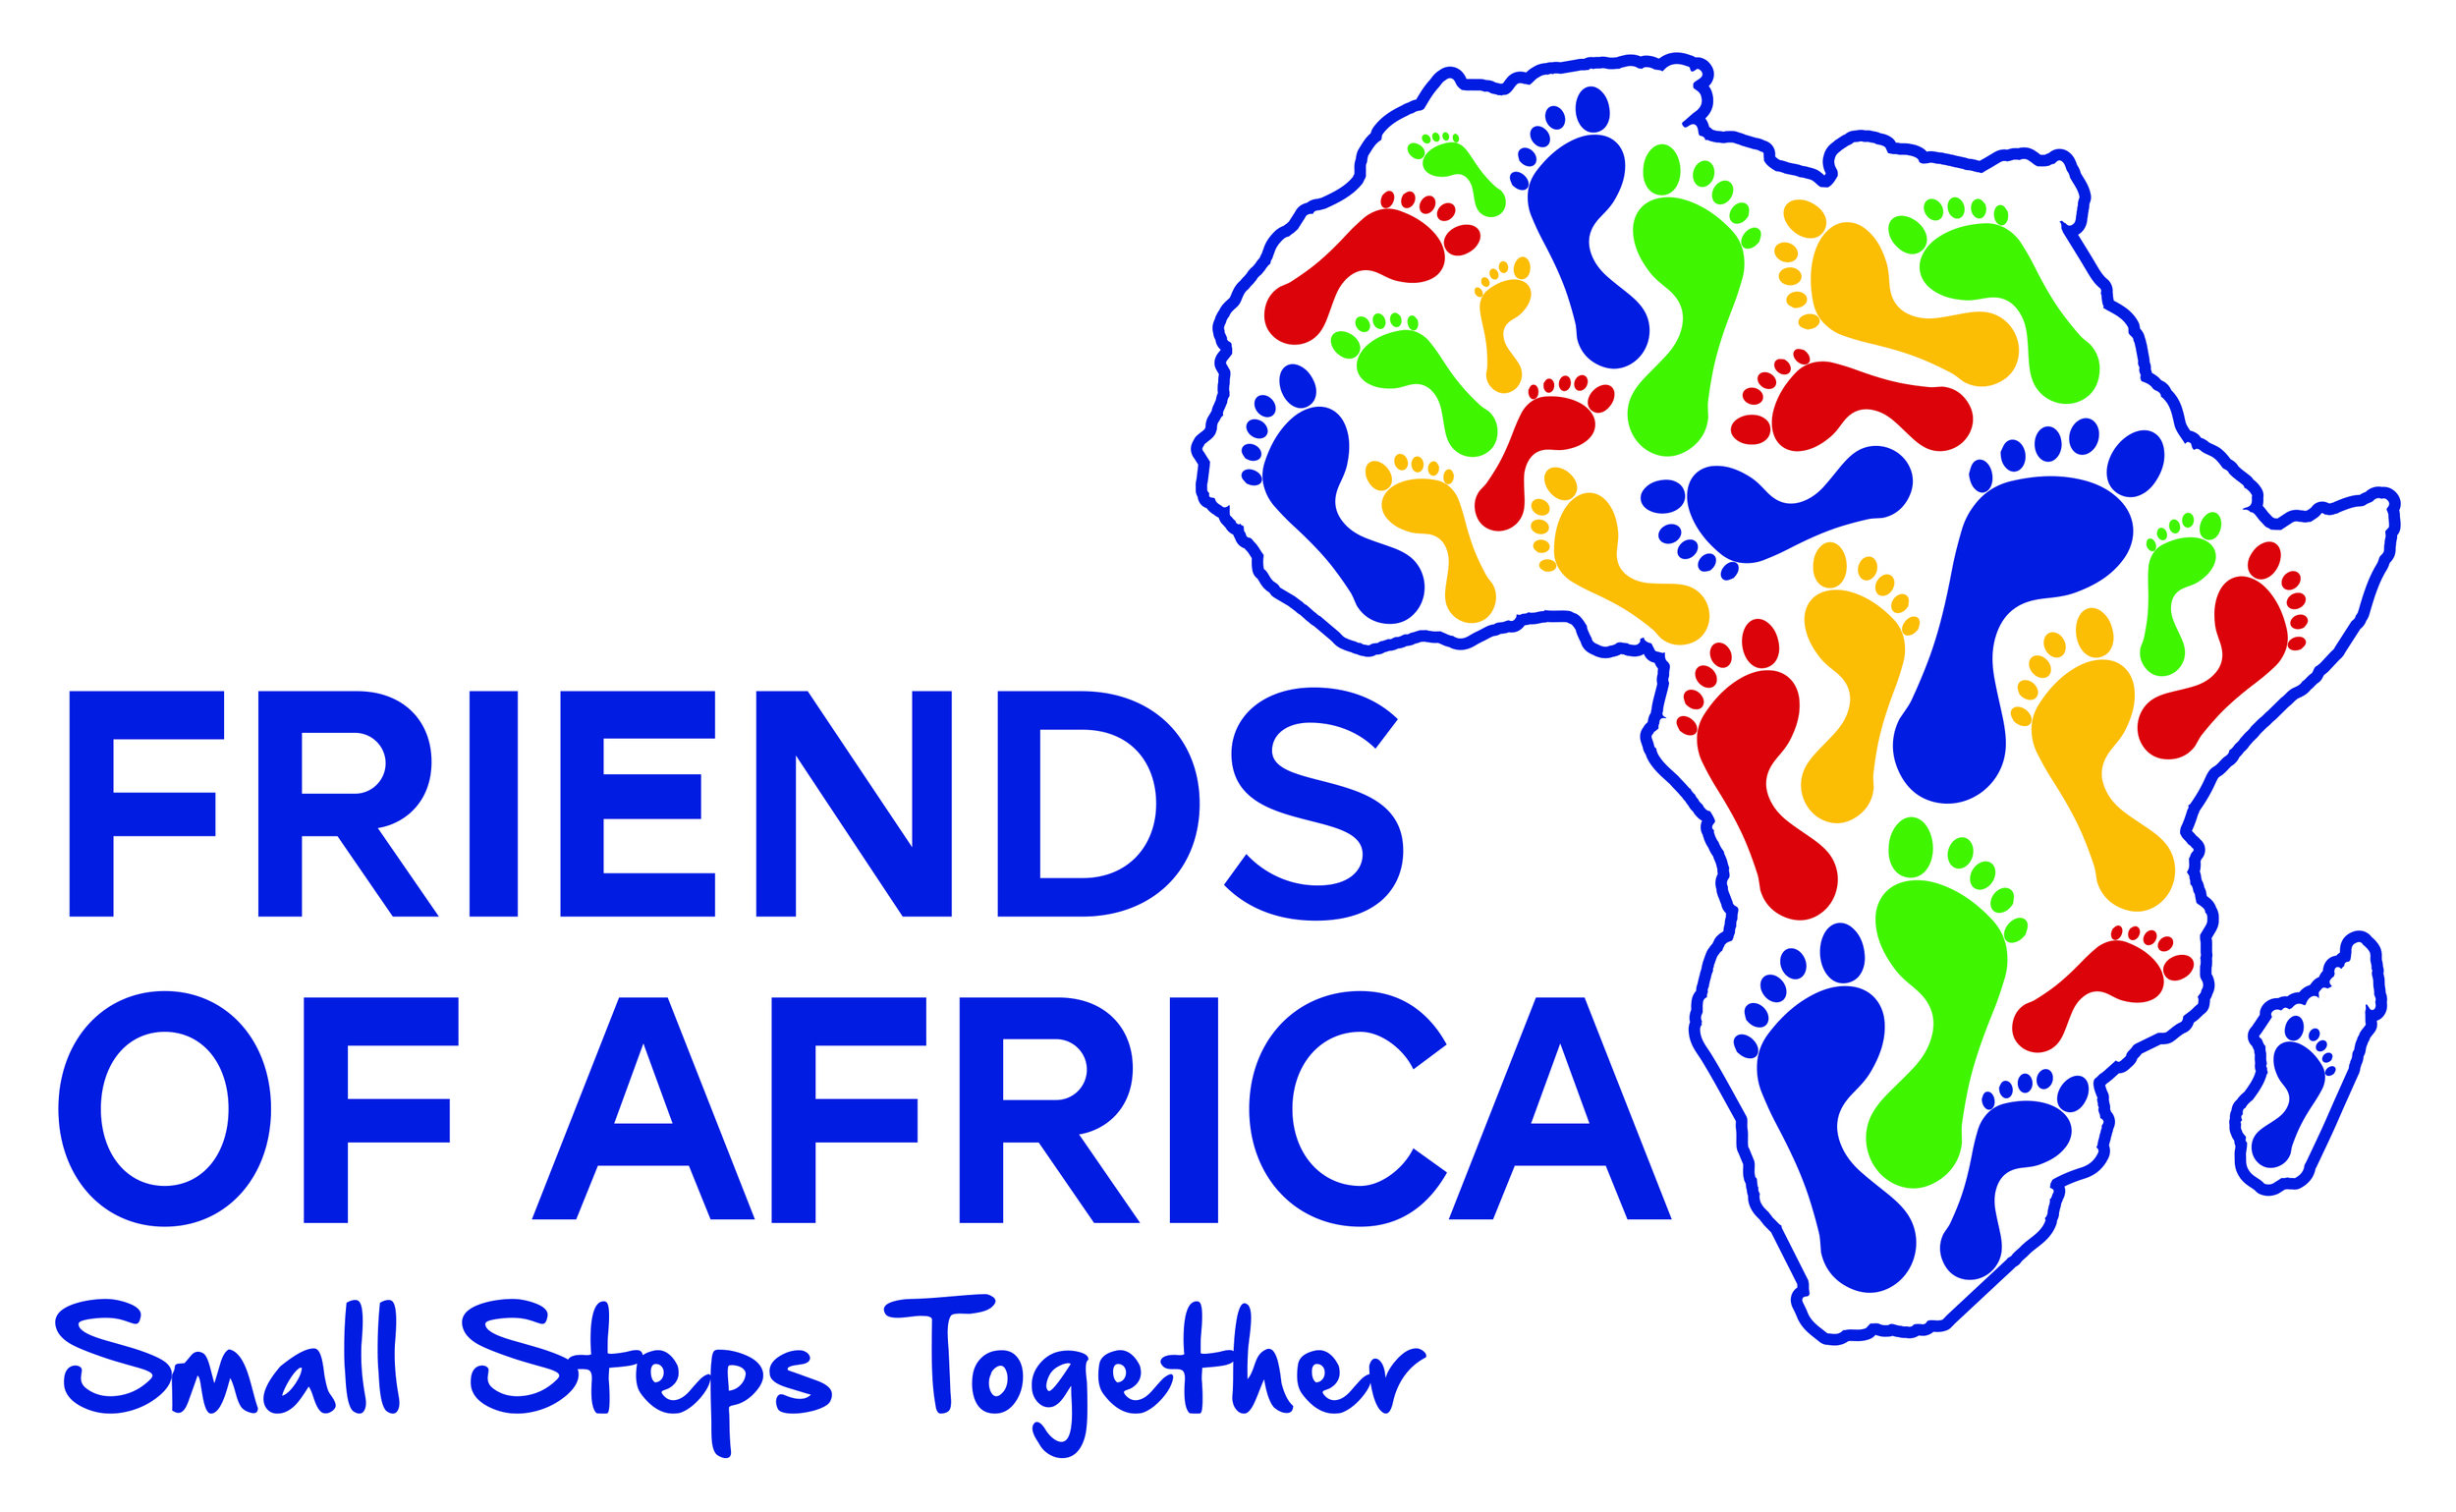 FriendsofAfrica-cmyk.jpg